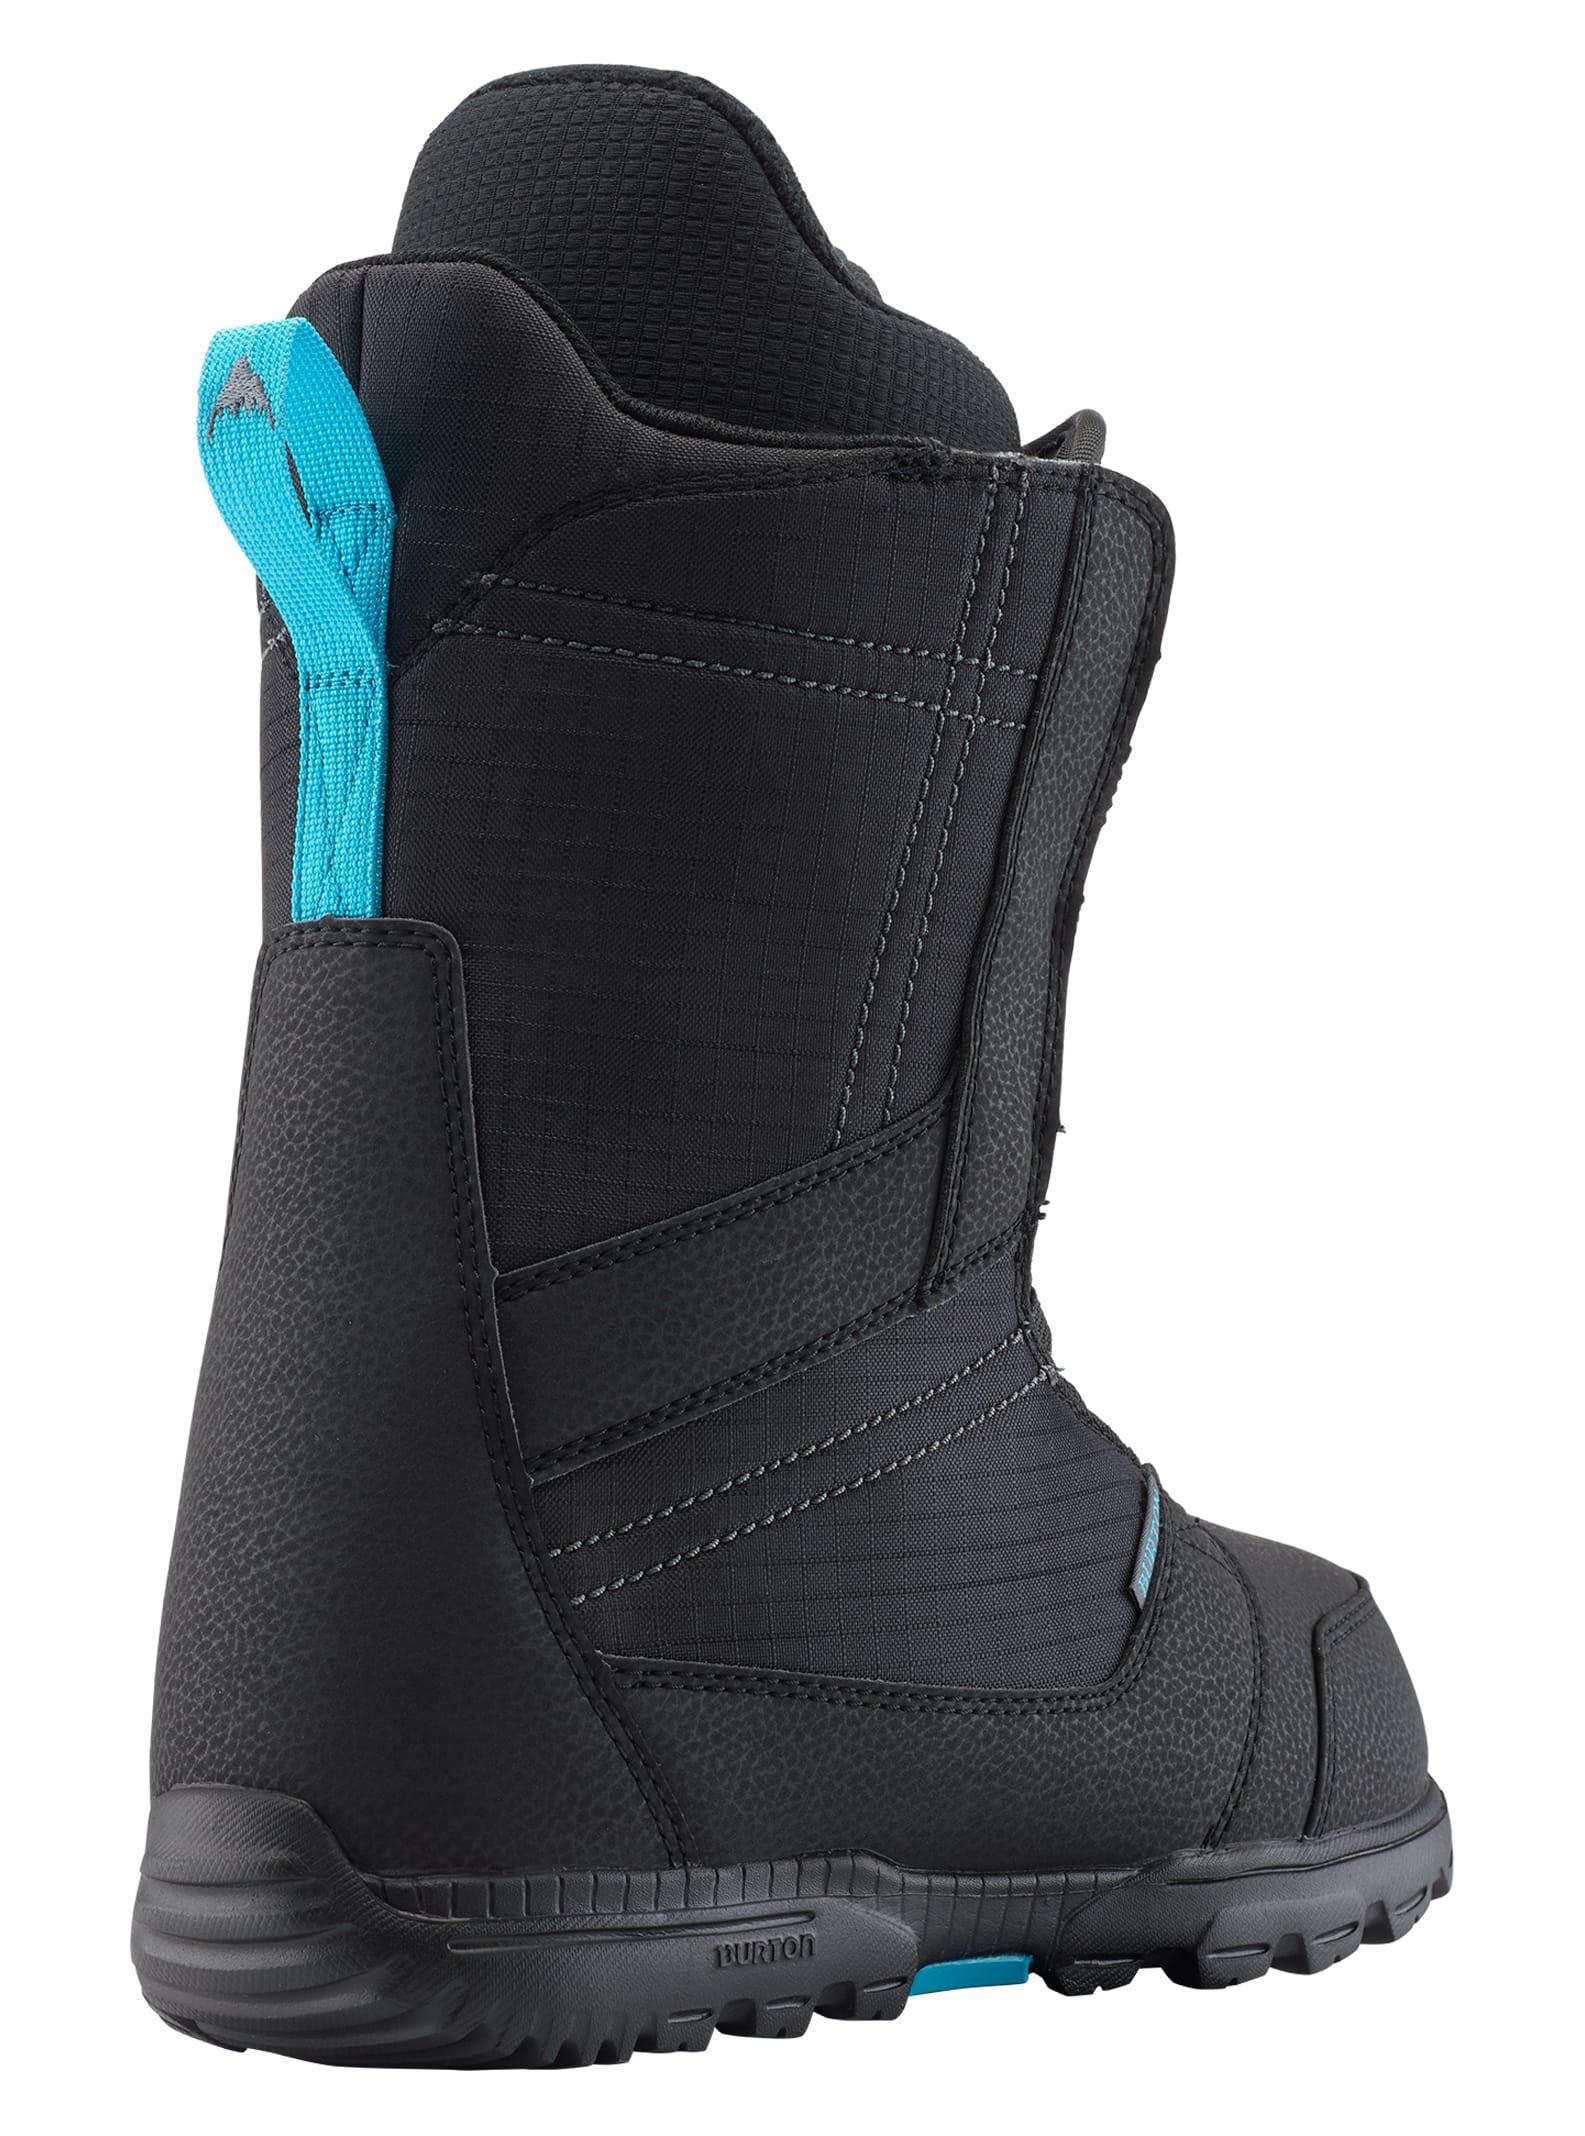 Men's Burton Invader Snowboard Boot